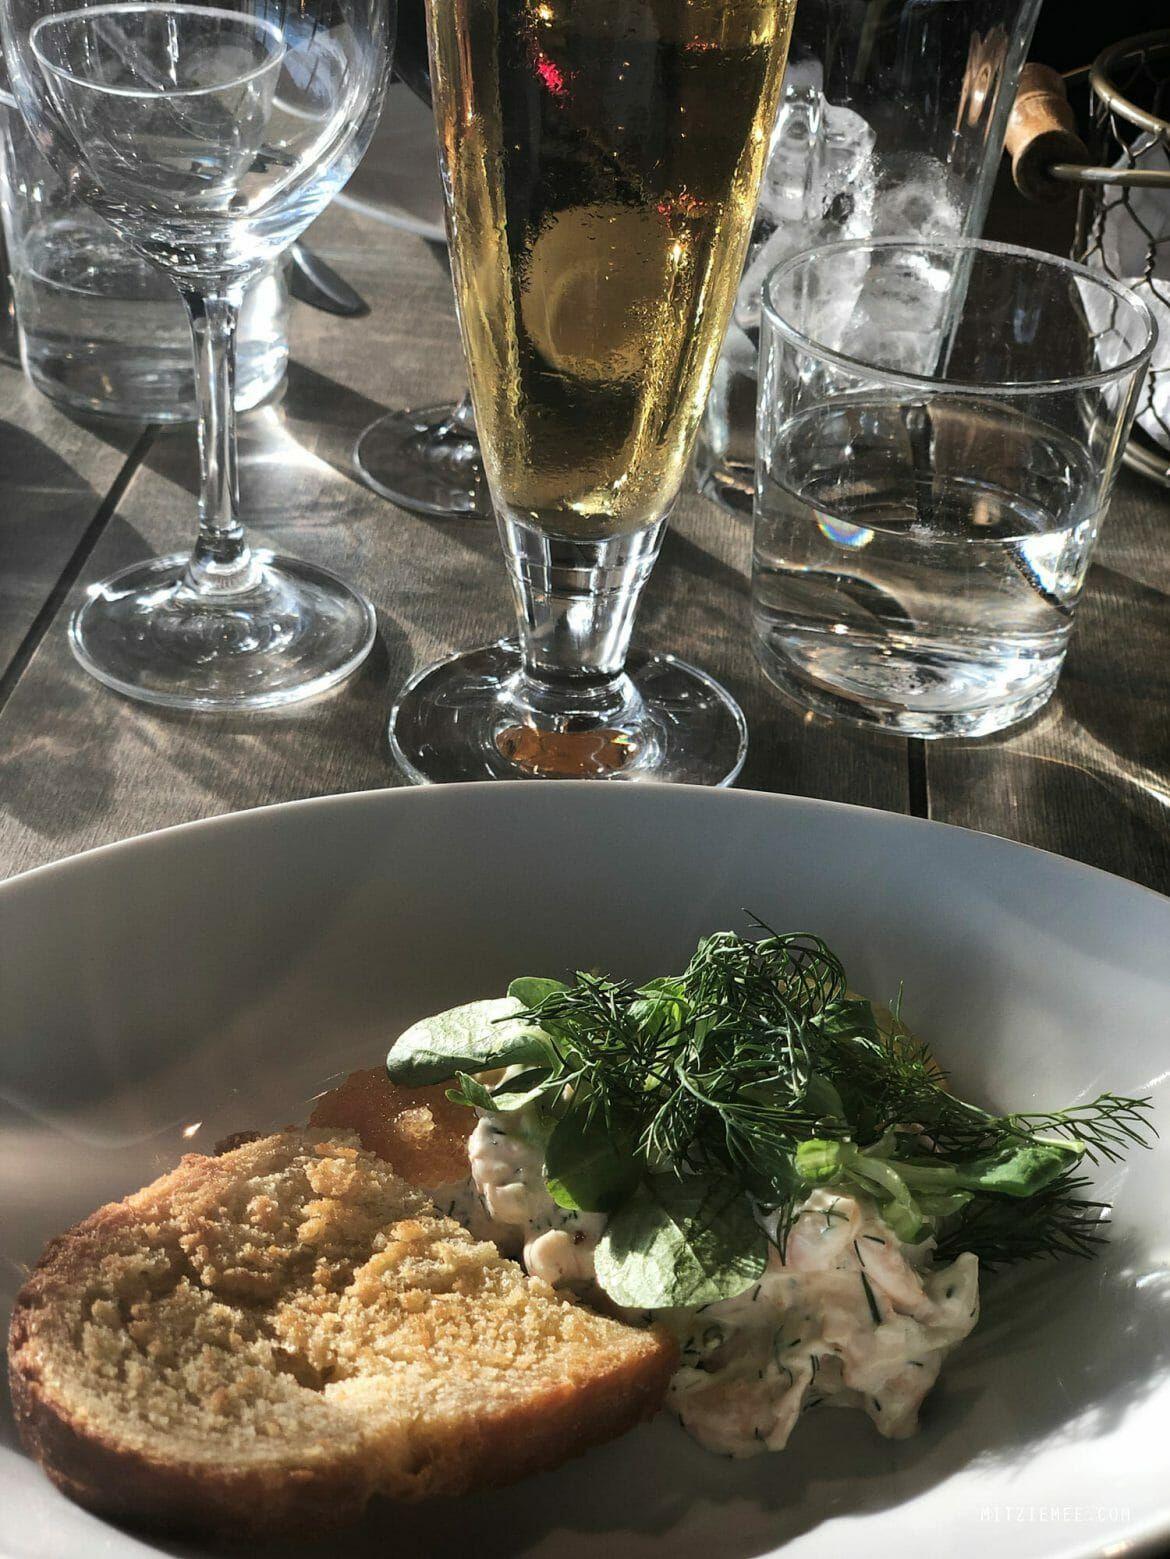 Pålsjö Krog - Beachside dining in Helsingborg - Mitzie Mee Blog